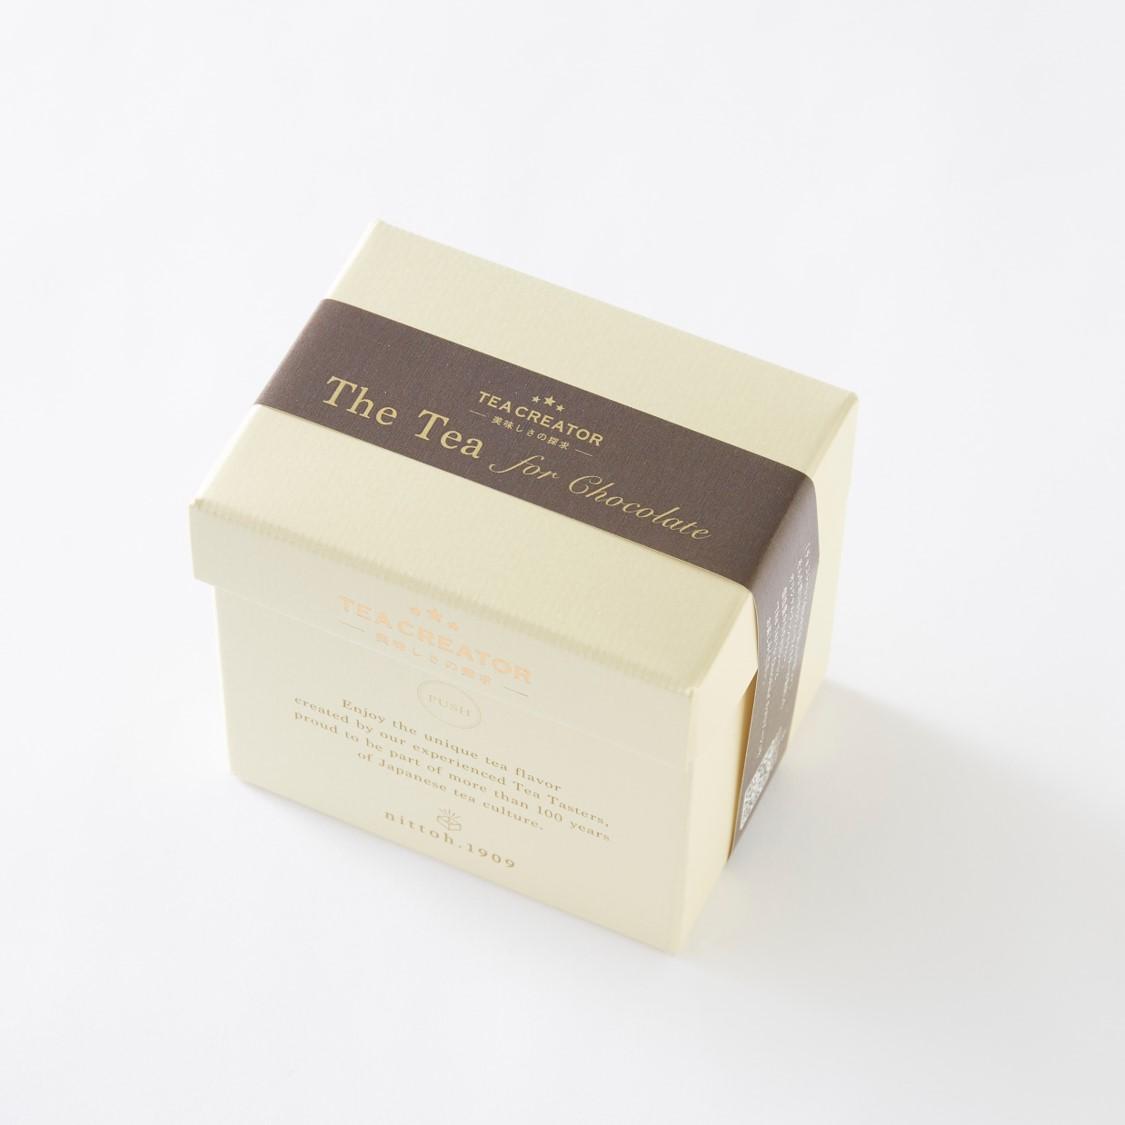 8/20~24発送【期間限定】菓子屋シノノメ・焼き菓子とnittoh.1909・紅茶のセット(The Tea for Chocolate)